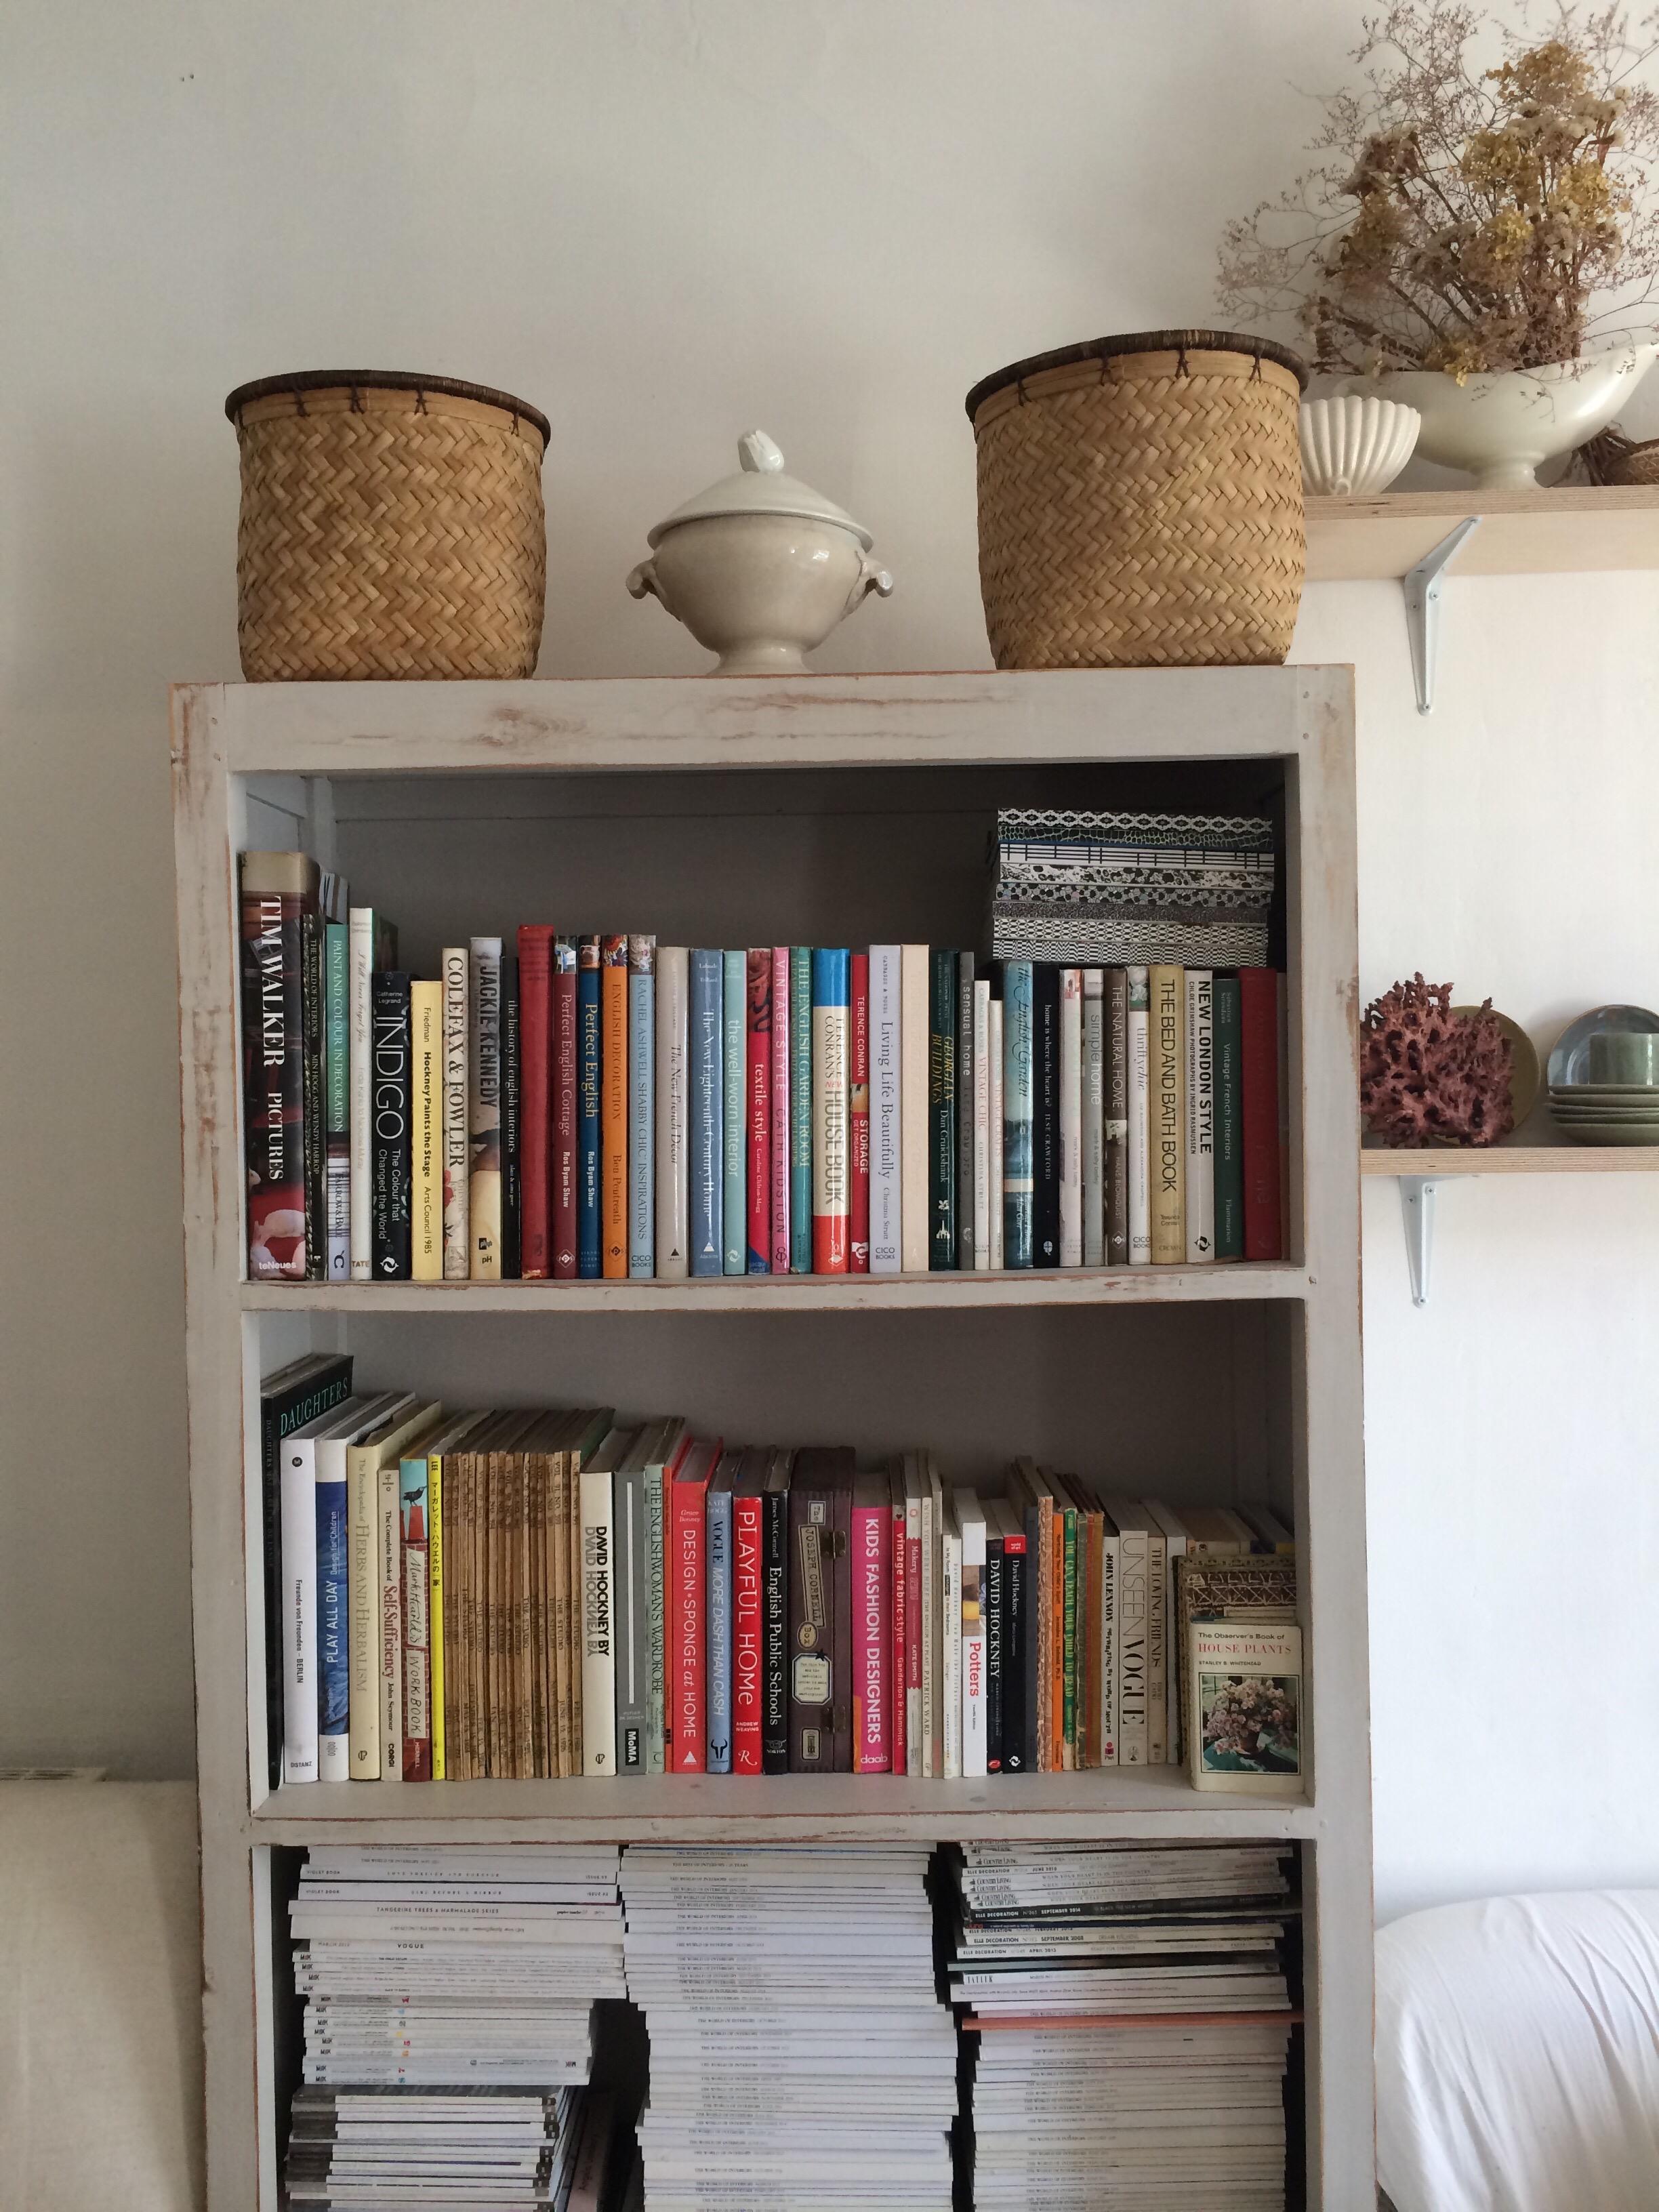 Pristine reading stacks, vintage vessels, and preserved flora.